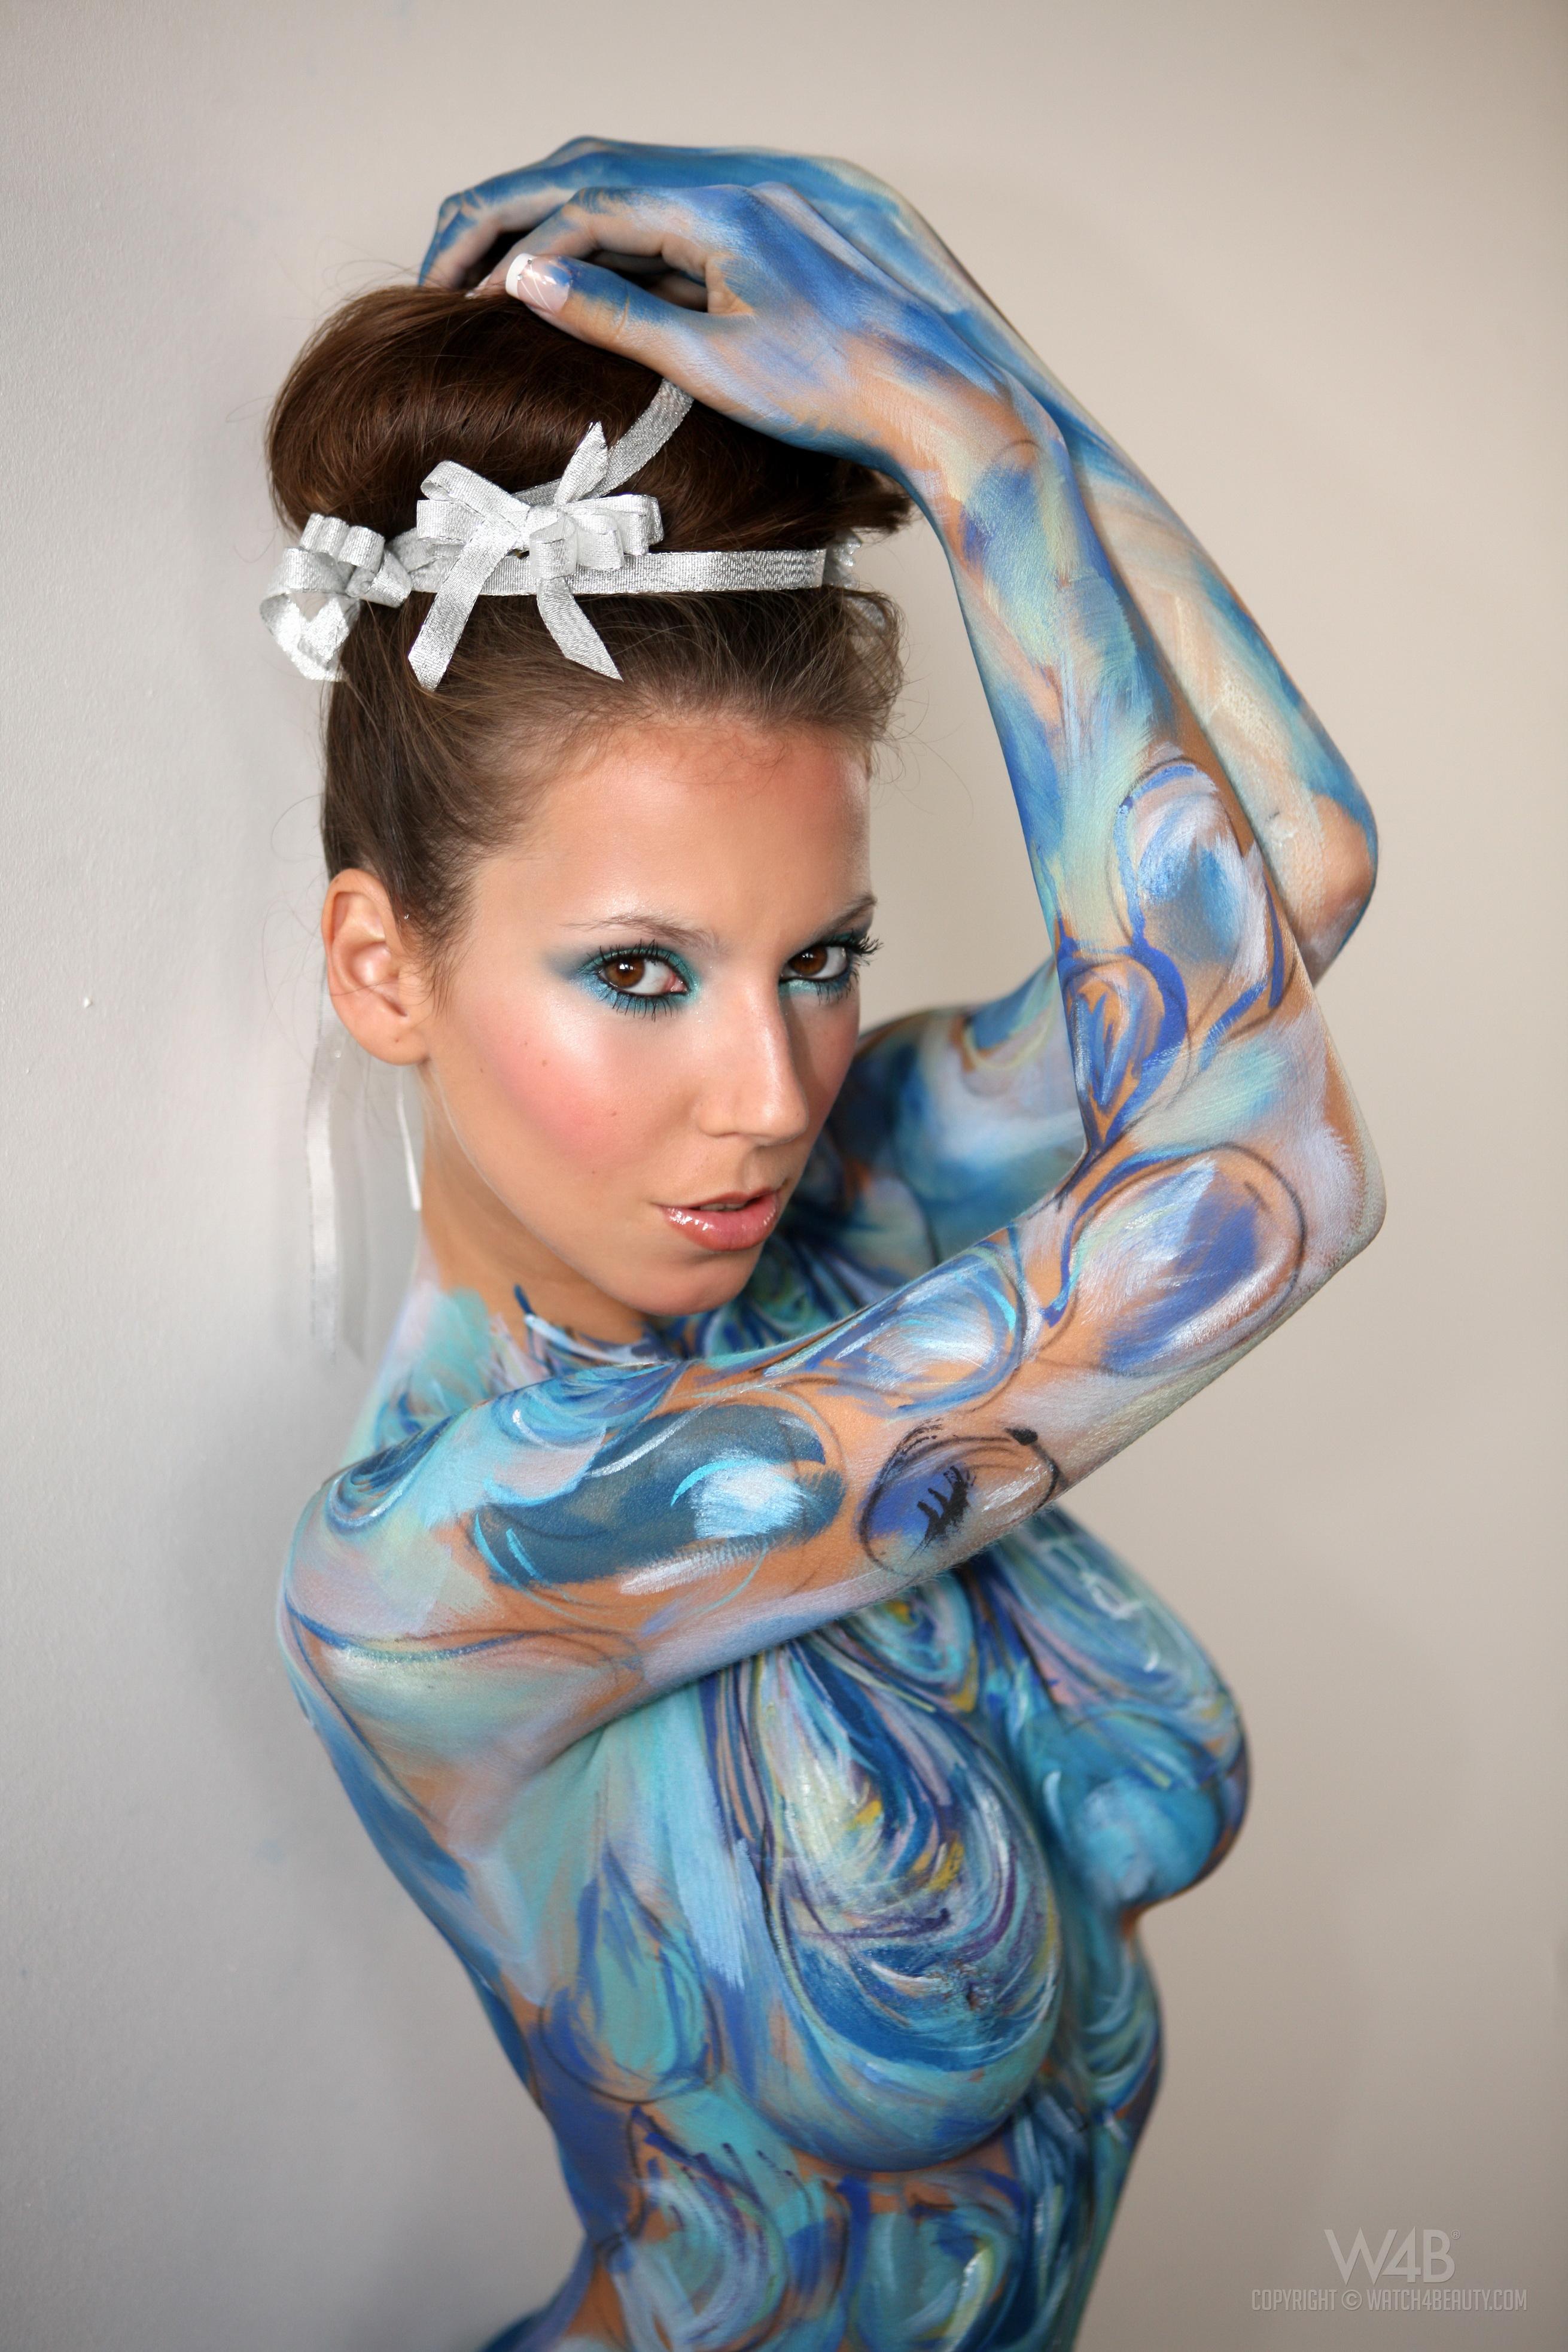 Разукрасили голую девушку 9 фотография